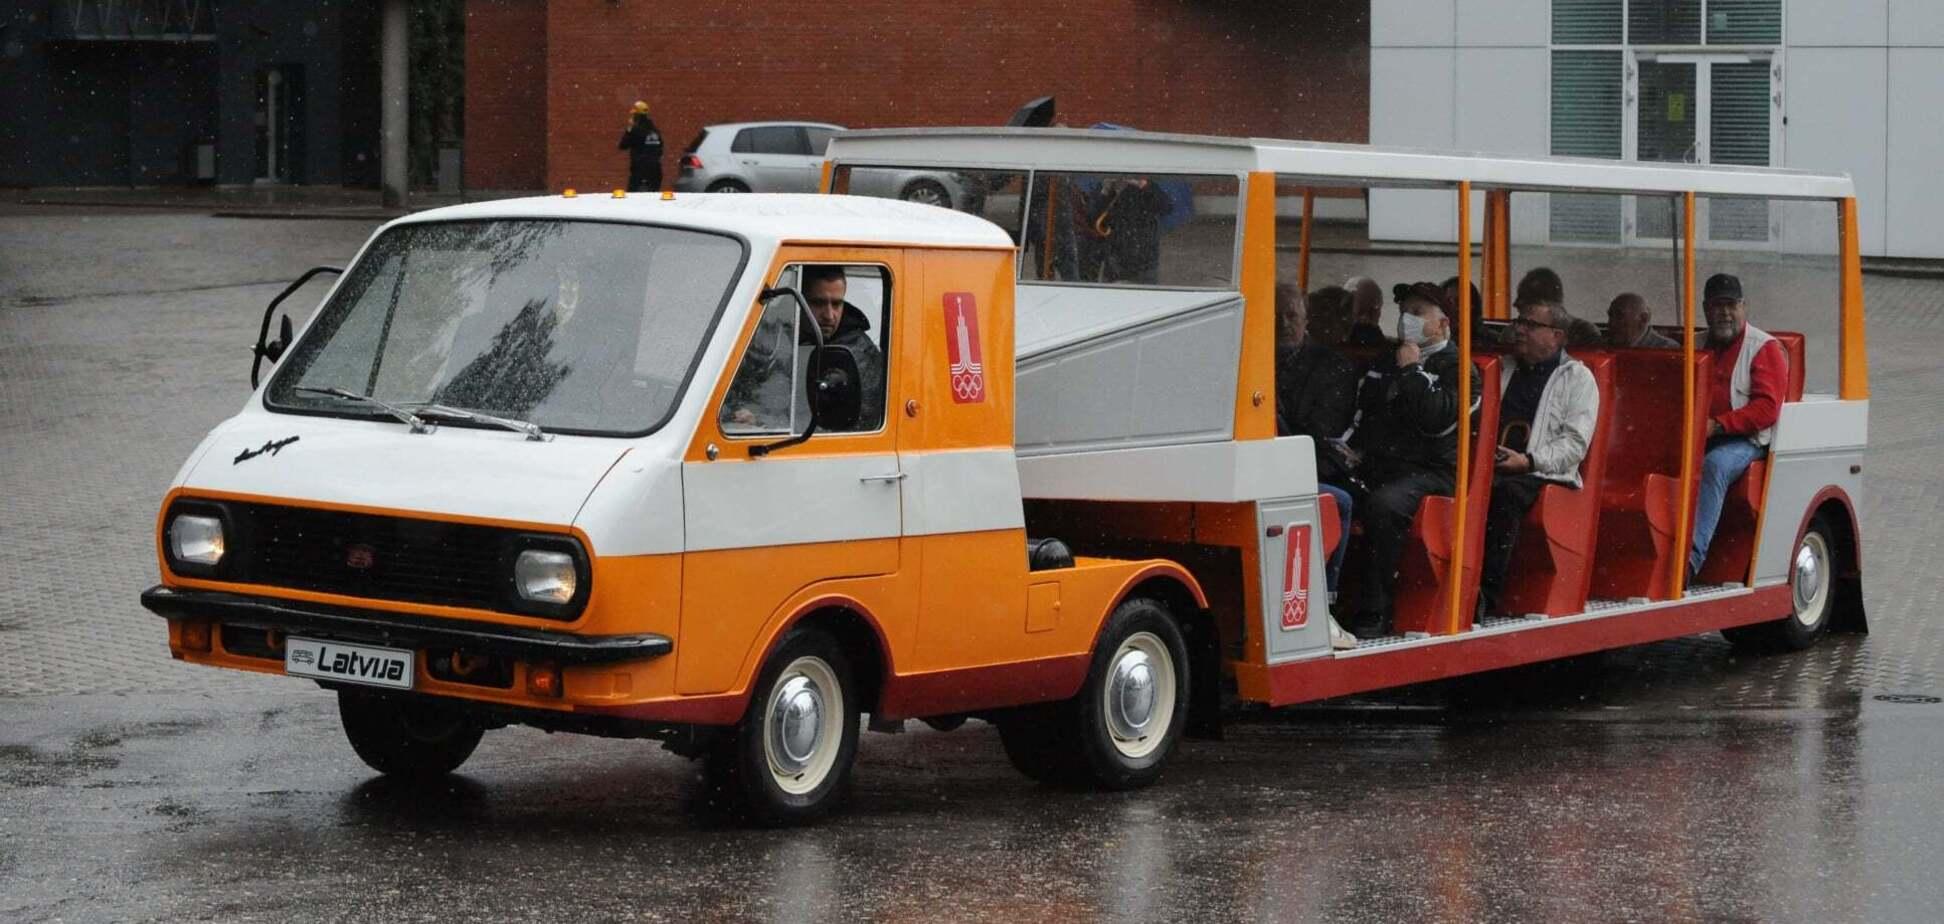 Унікальний автопоїзд РАФ-3407 'Латвія' повернули до життя